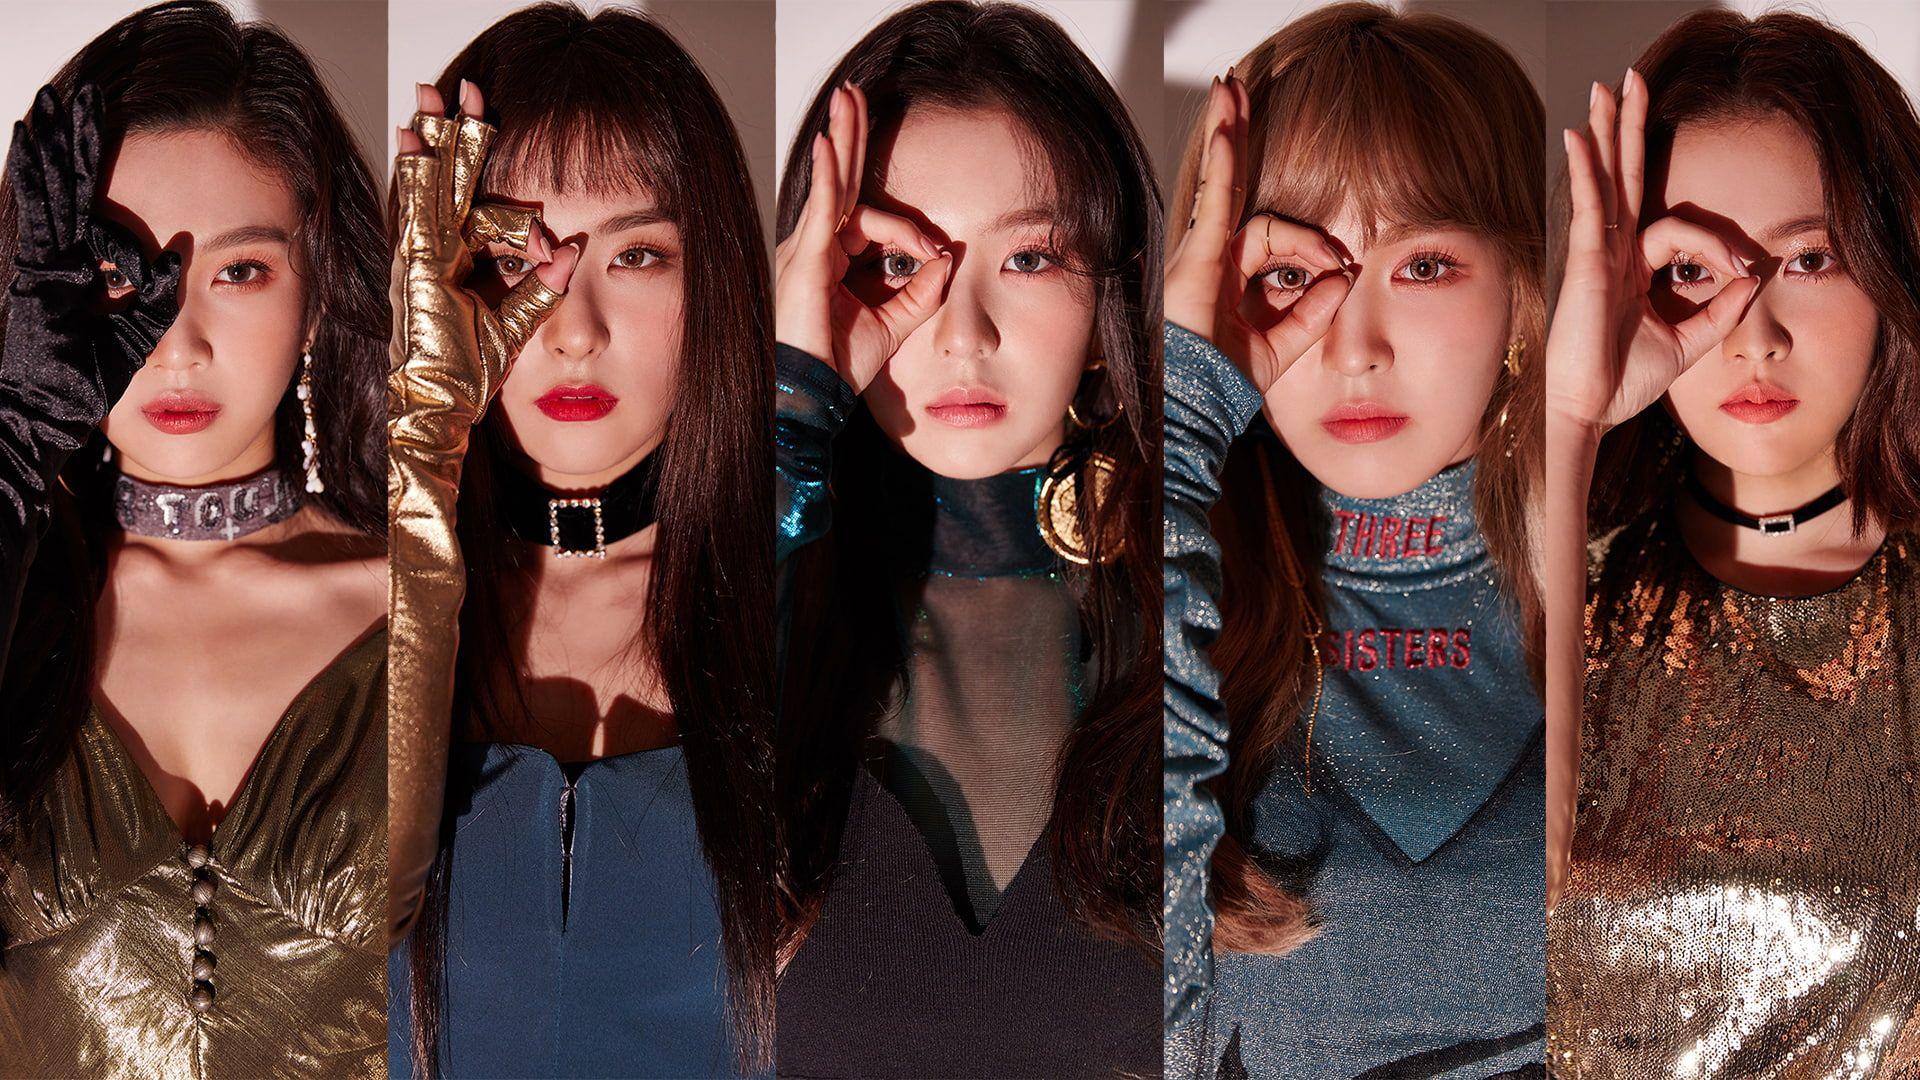 K Pop Redvelvet Collage Women Asian Face 1080p Wallpaper Hdwallpaper Desktop In 2020 Red Velvet Photoshoot Velvet Wallpaper Face